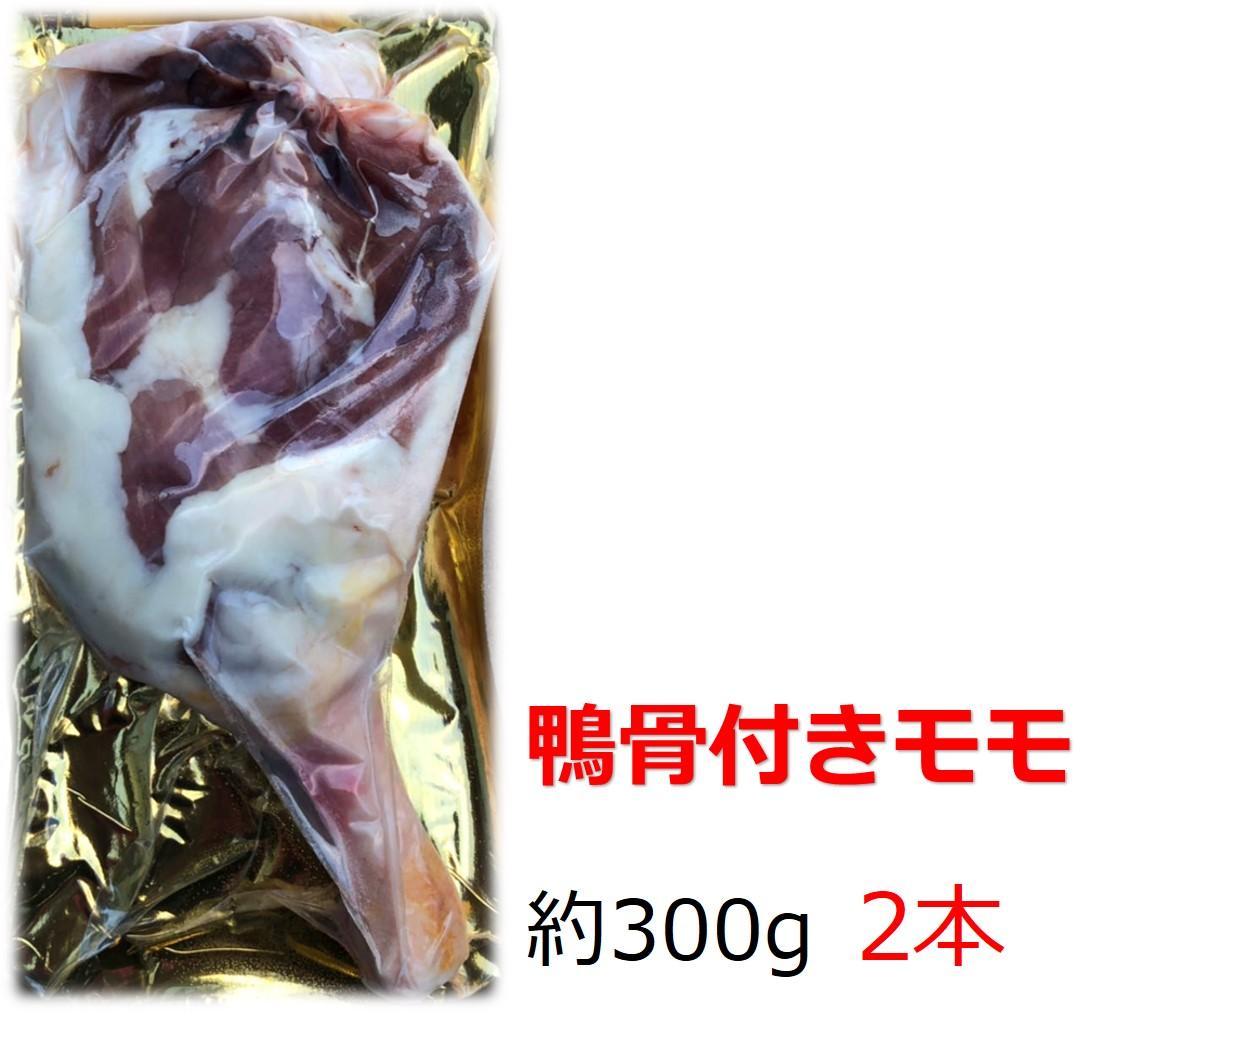 フォアグラ採取鴨 骨付きモモ コンフィー 鴨肉 骨付きモモ肉 約250-350g ハンガリー産あす楽対応 特価キャンペーン カナール 価格 ミュラー種 キュイス 2本 骨つき